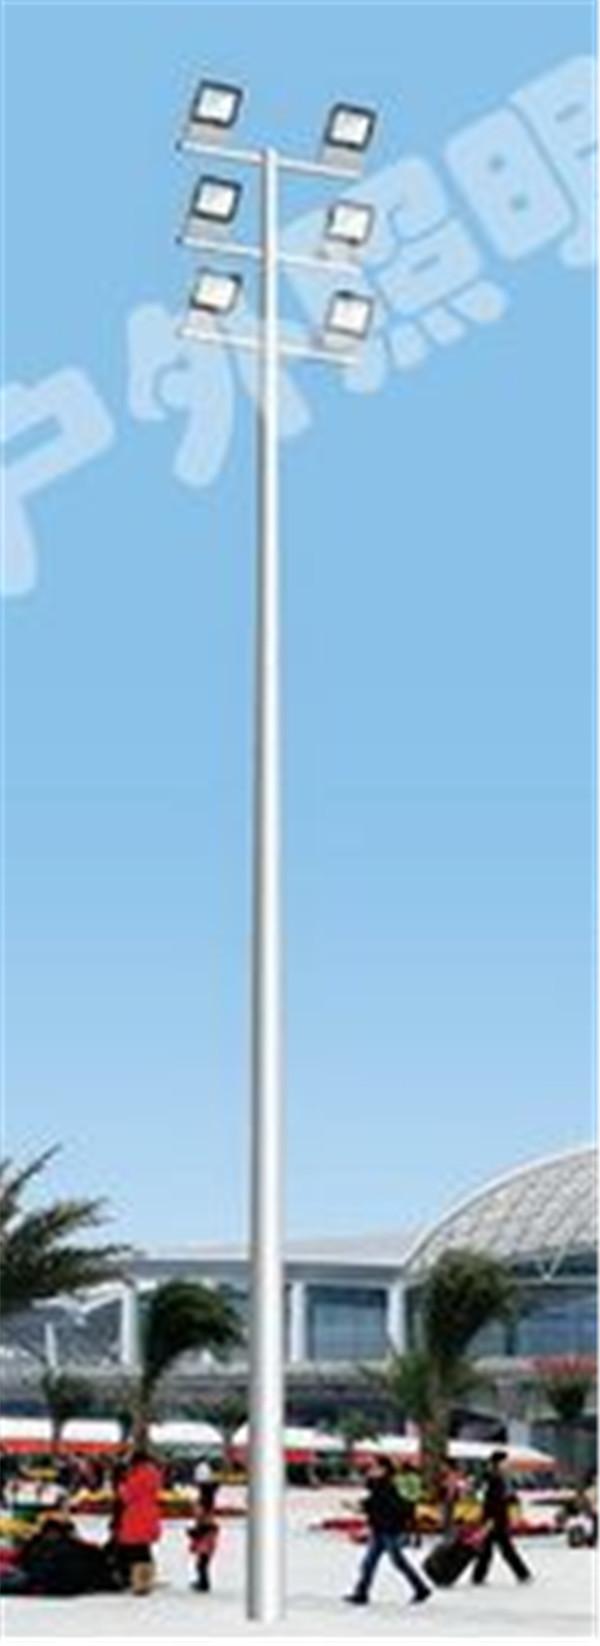 陕西中杆灯和高杆灯安装施工标准,今天小编带您了解下!【陕西高杆灯安装】